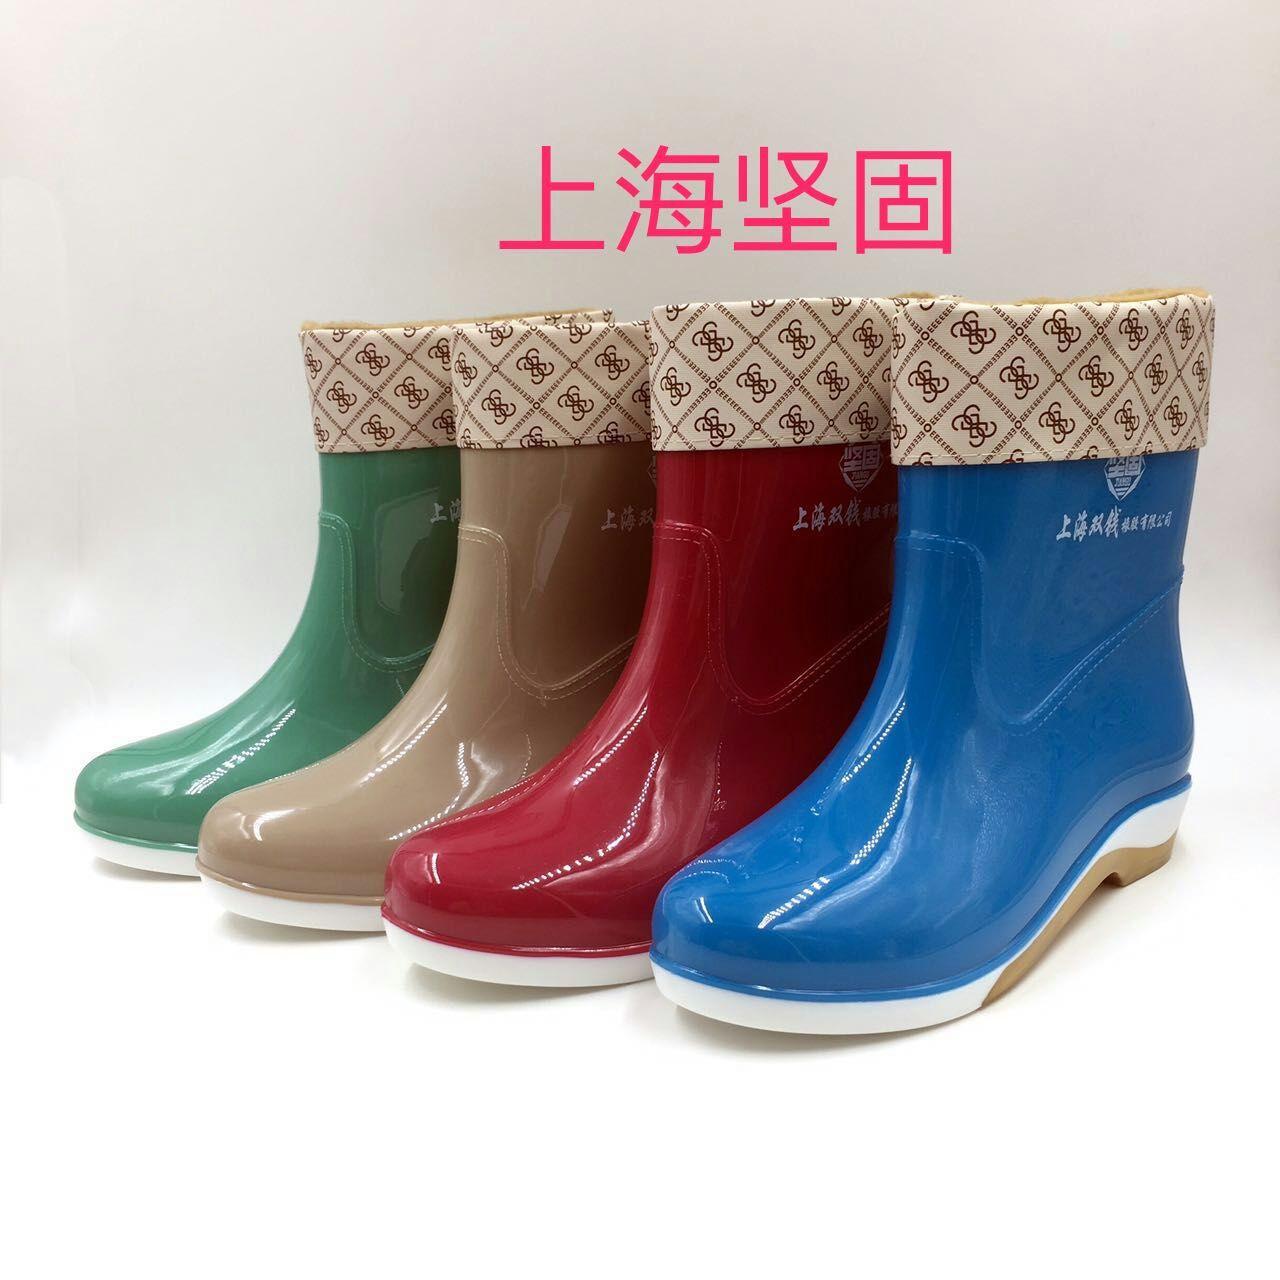 Nhà máy trực tiếp bán hàng chính hãng Thượng Hải mạnh mẽ nữ ba màu ngắn ống sọc mưa ủng đi mưa chống trượt chống trượt ấm - Rainshoes